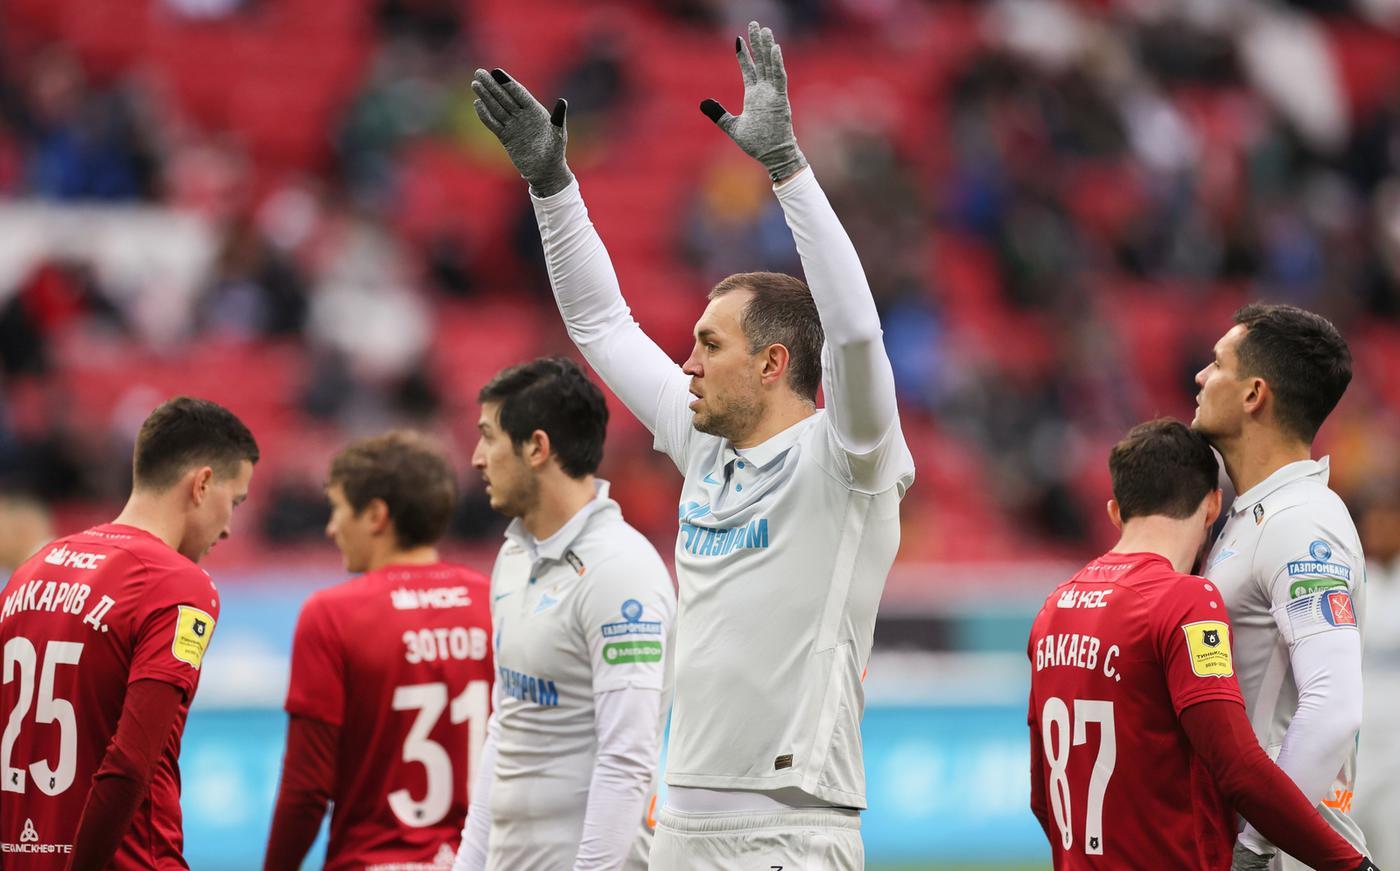 Самые невероятные поражения «Зенита» на последних минутах в Премьер-лиге. От «Рубина» это уже второе - фото